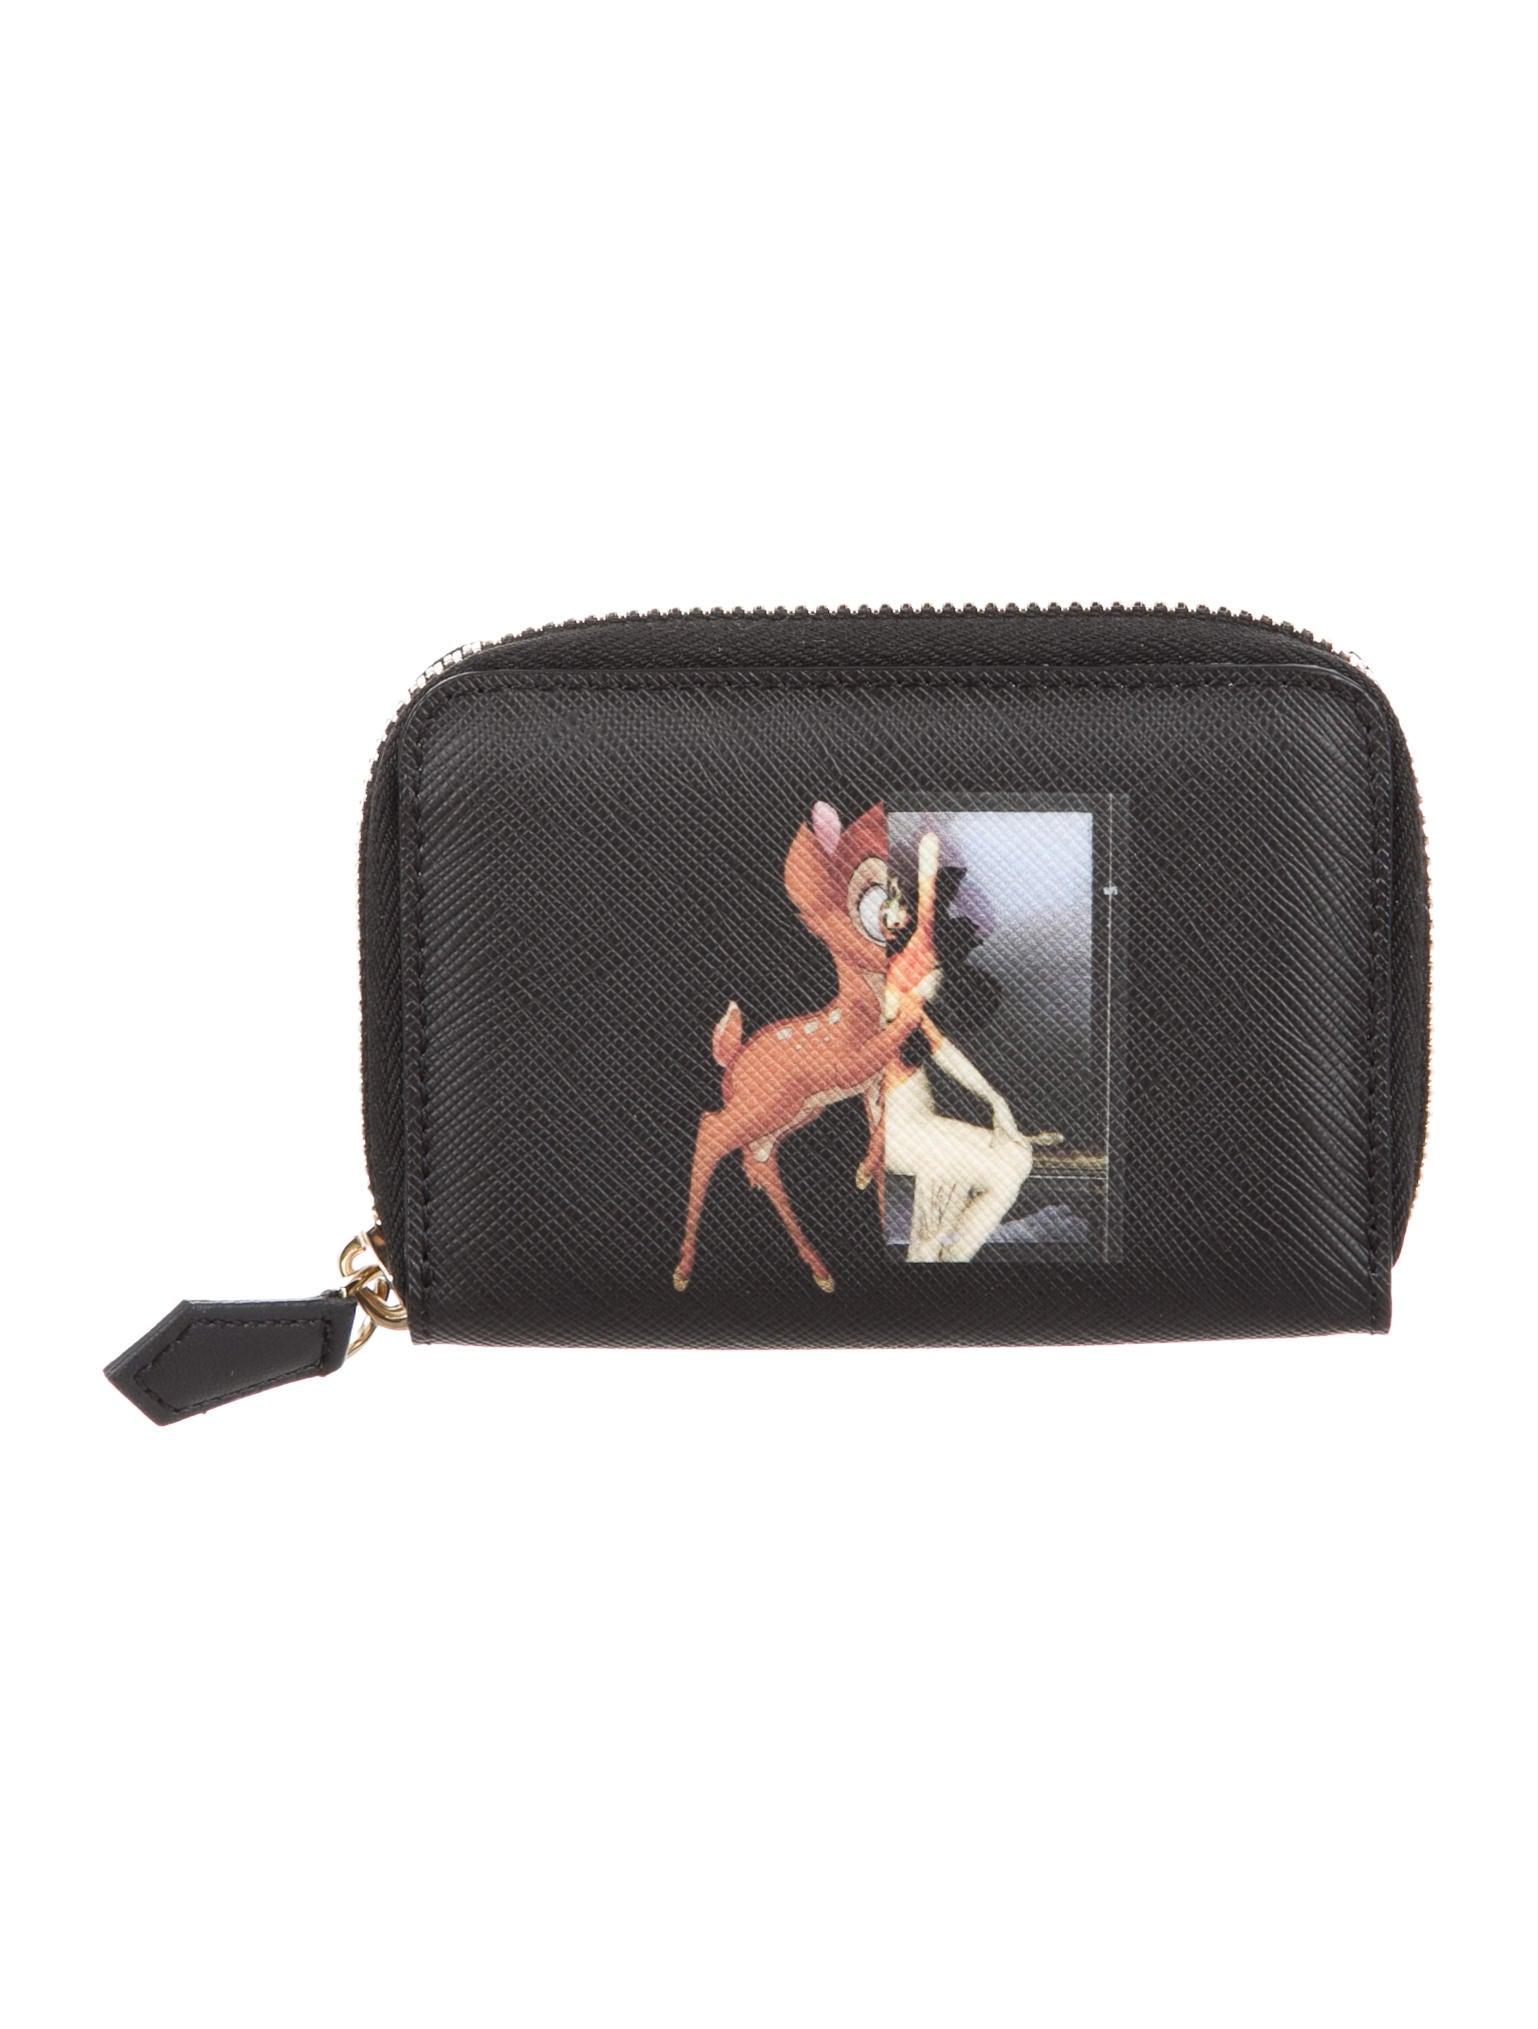 Givenchy Mini wallet VKAB9IMua